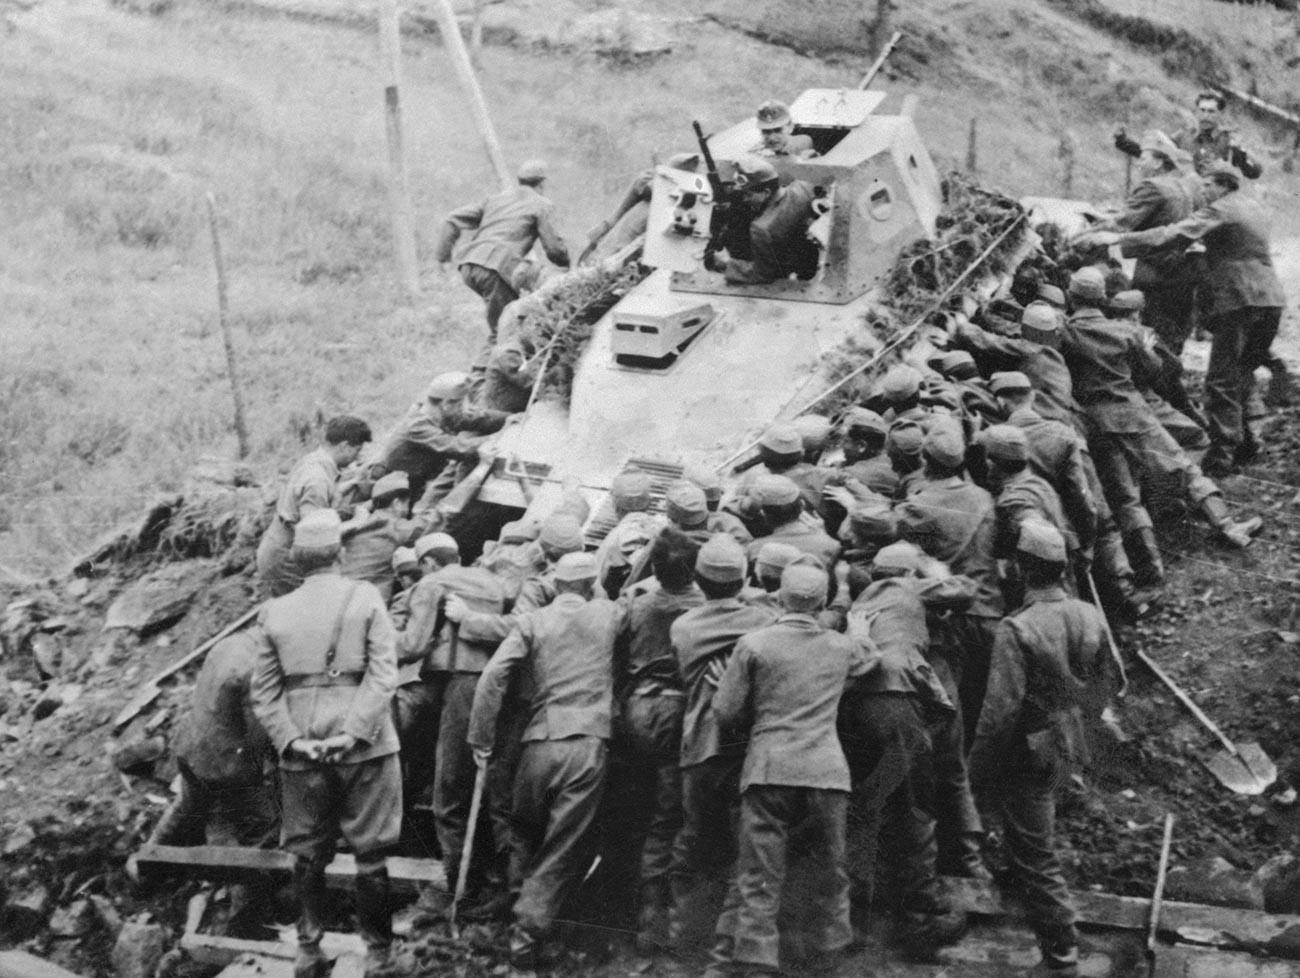 Над 50 унгарски войници опитват да възстановят този повреден руски танк. Той е пленен от унгарските сили, които се бият на съветския фронт заедно с германските войски.